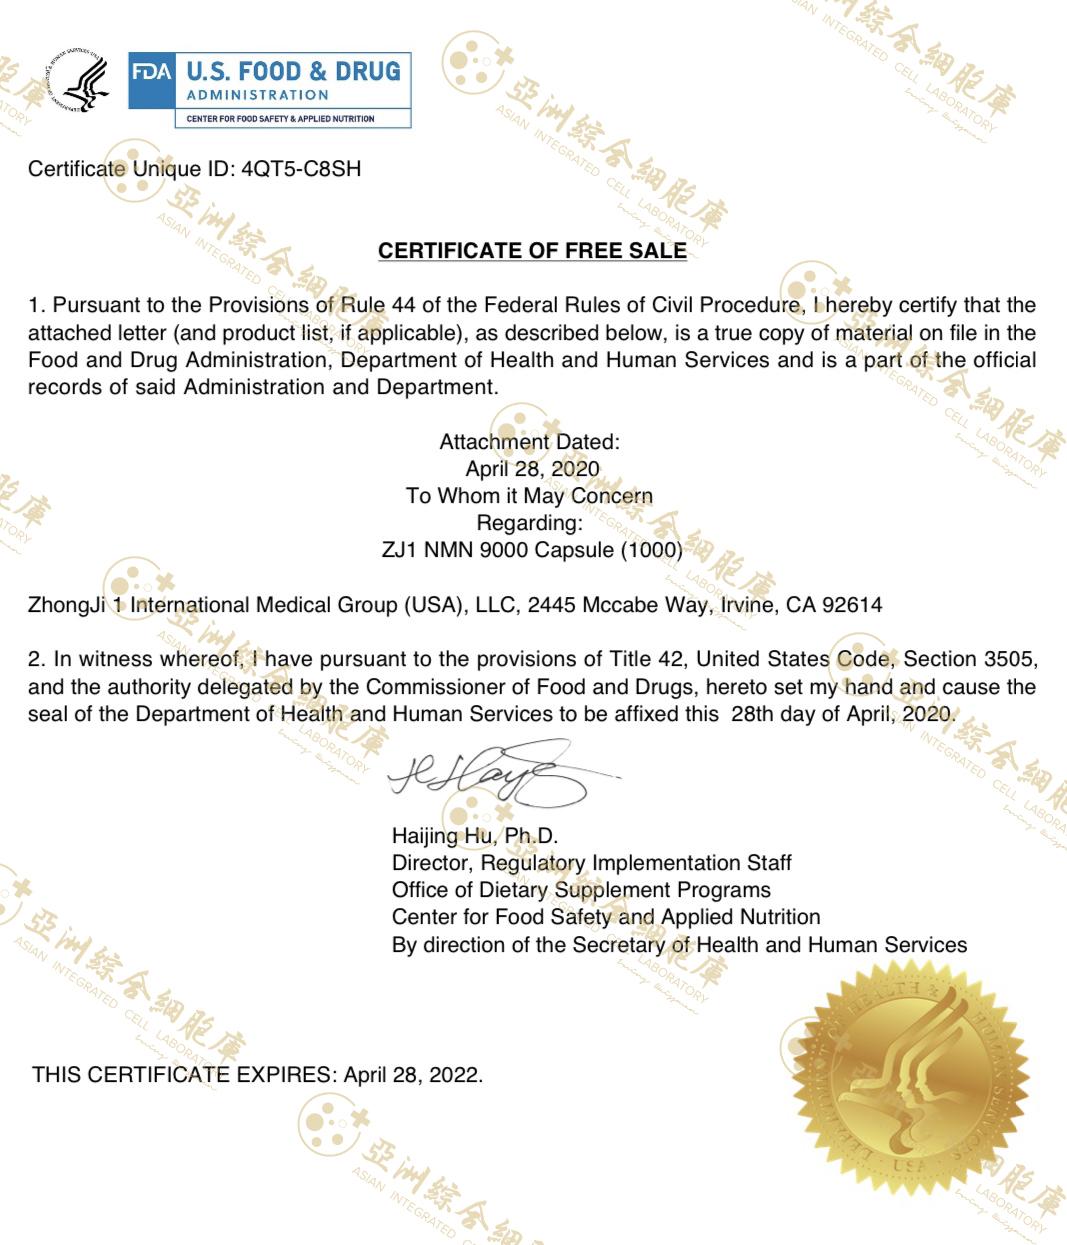 ZJ1 NMN FDA认证 水印